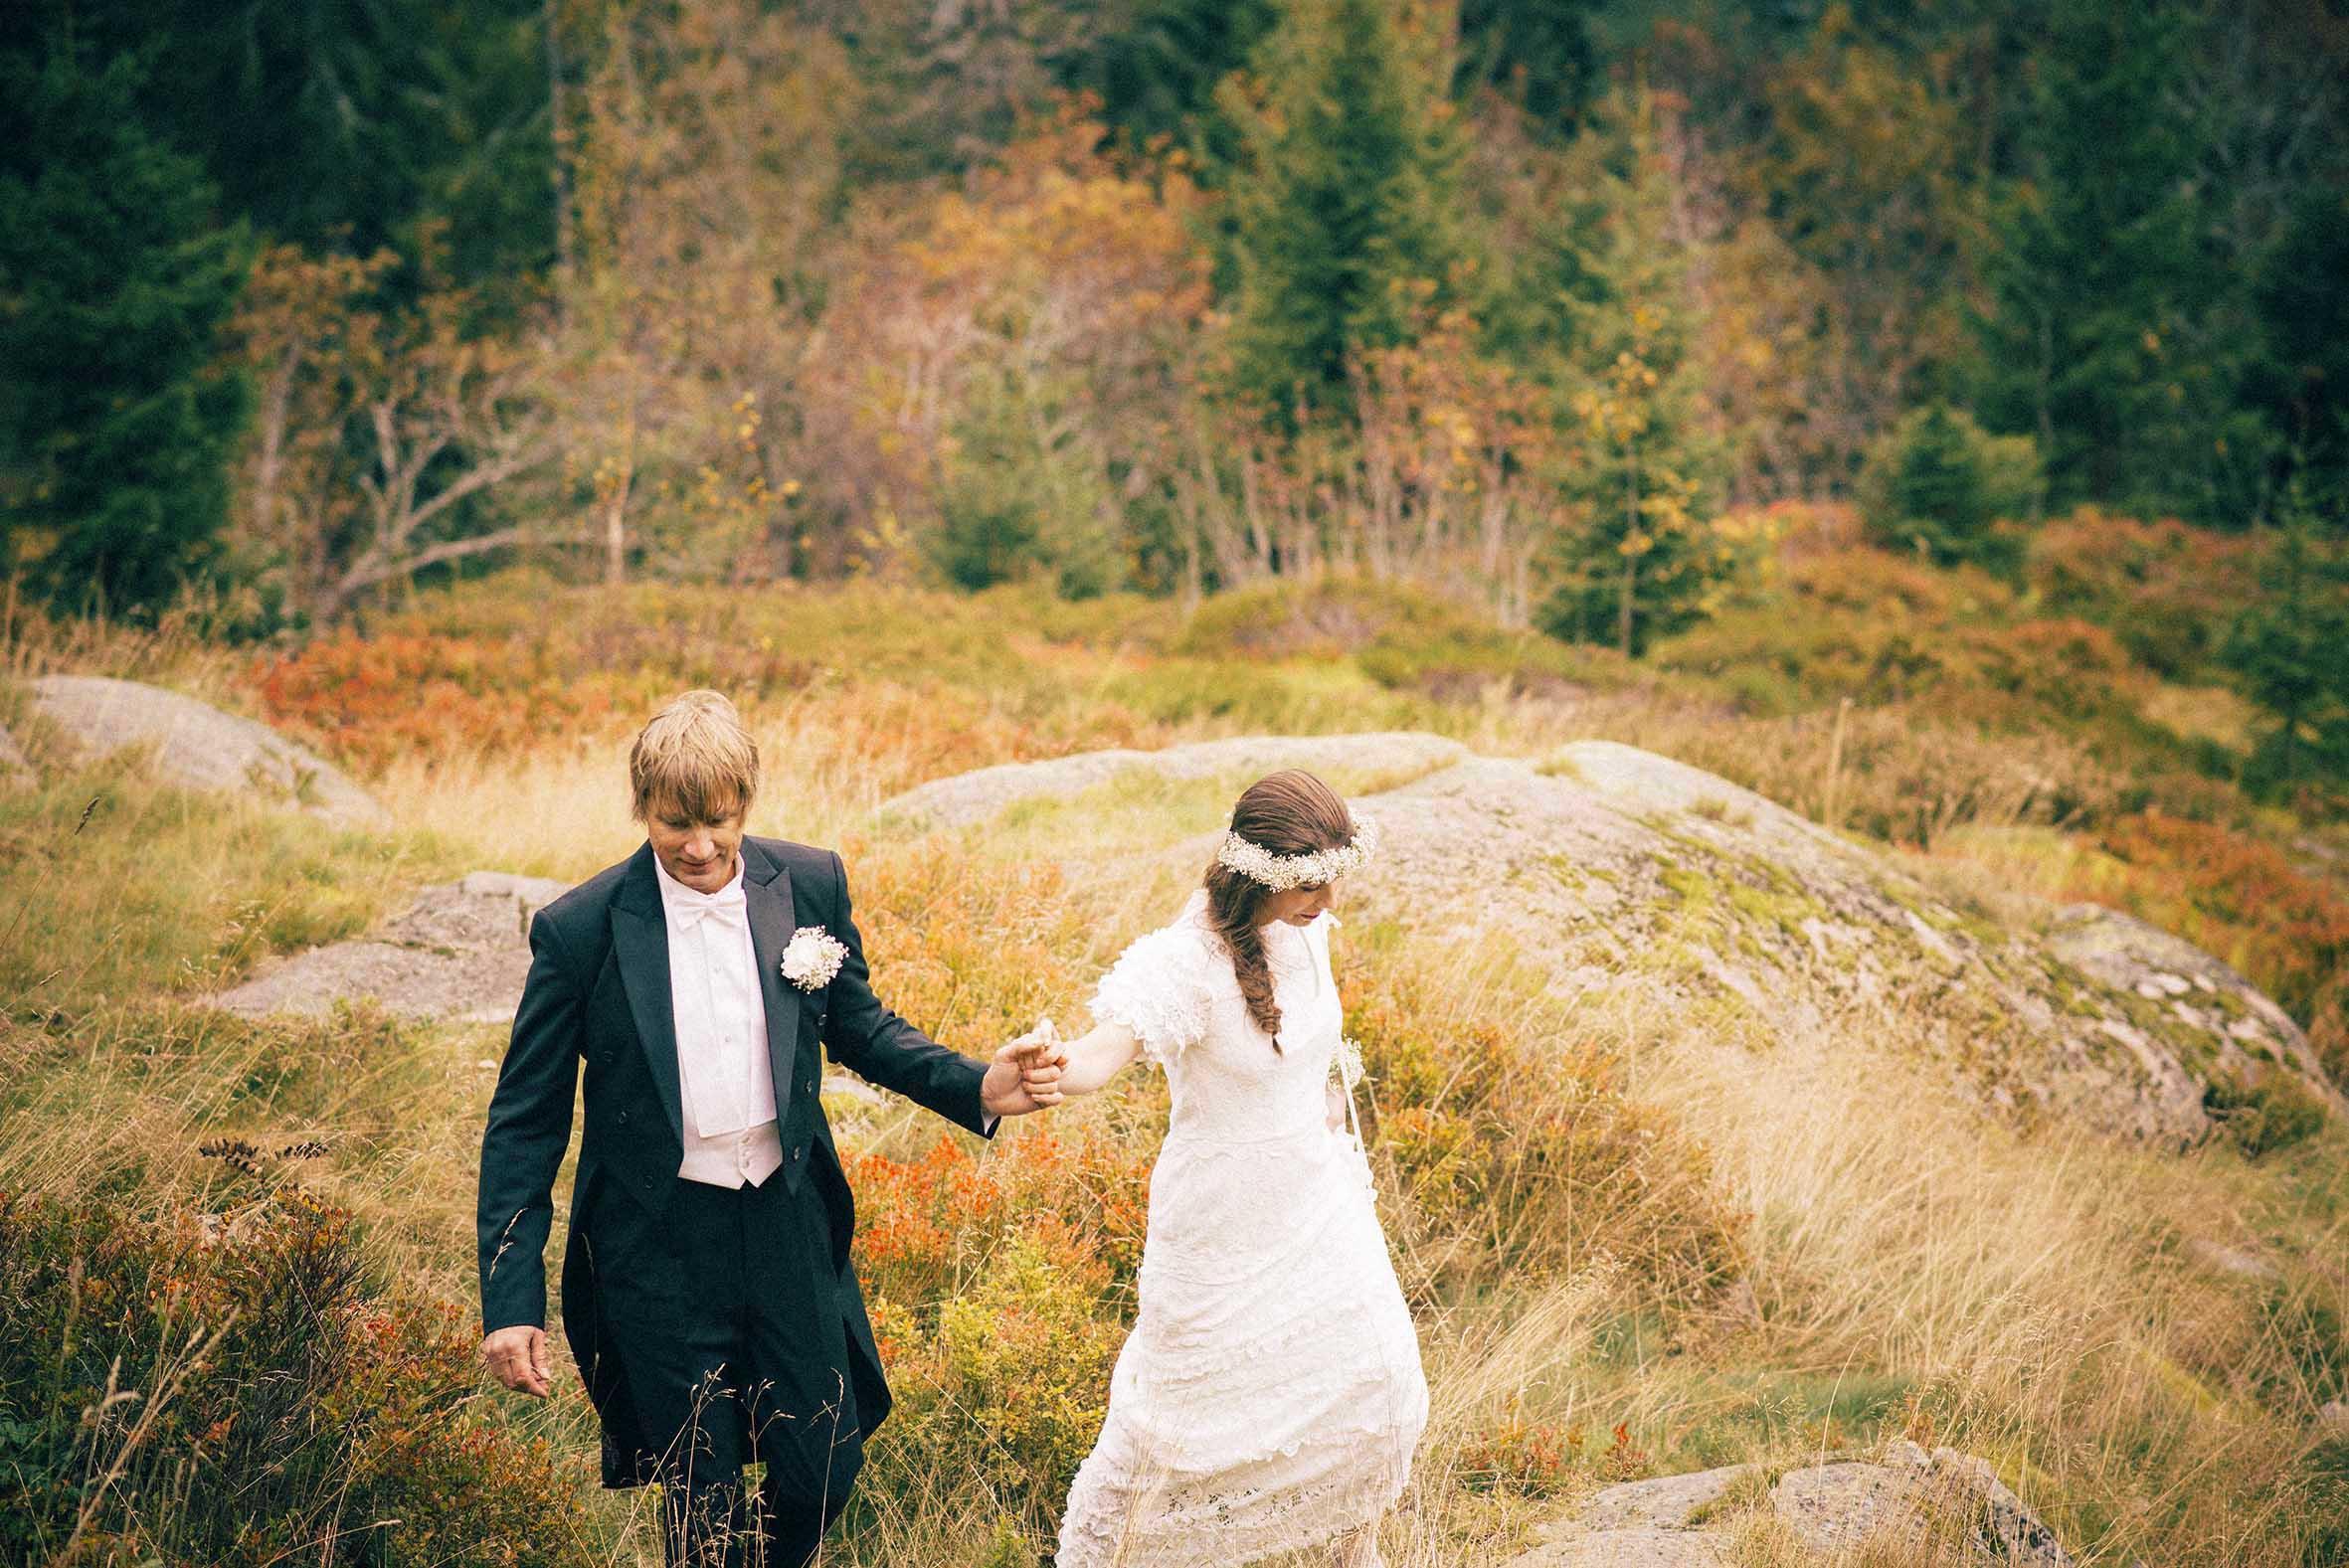 Brud og brudgom vandrer i skogen langs Soria Moria fotografert av anbefalt bryllupsfotograf Oslo